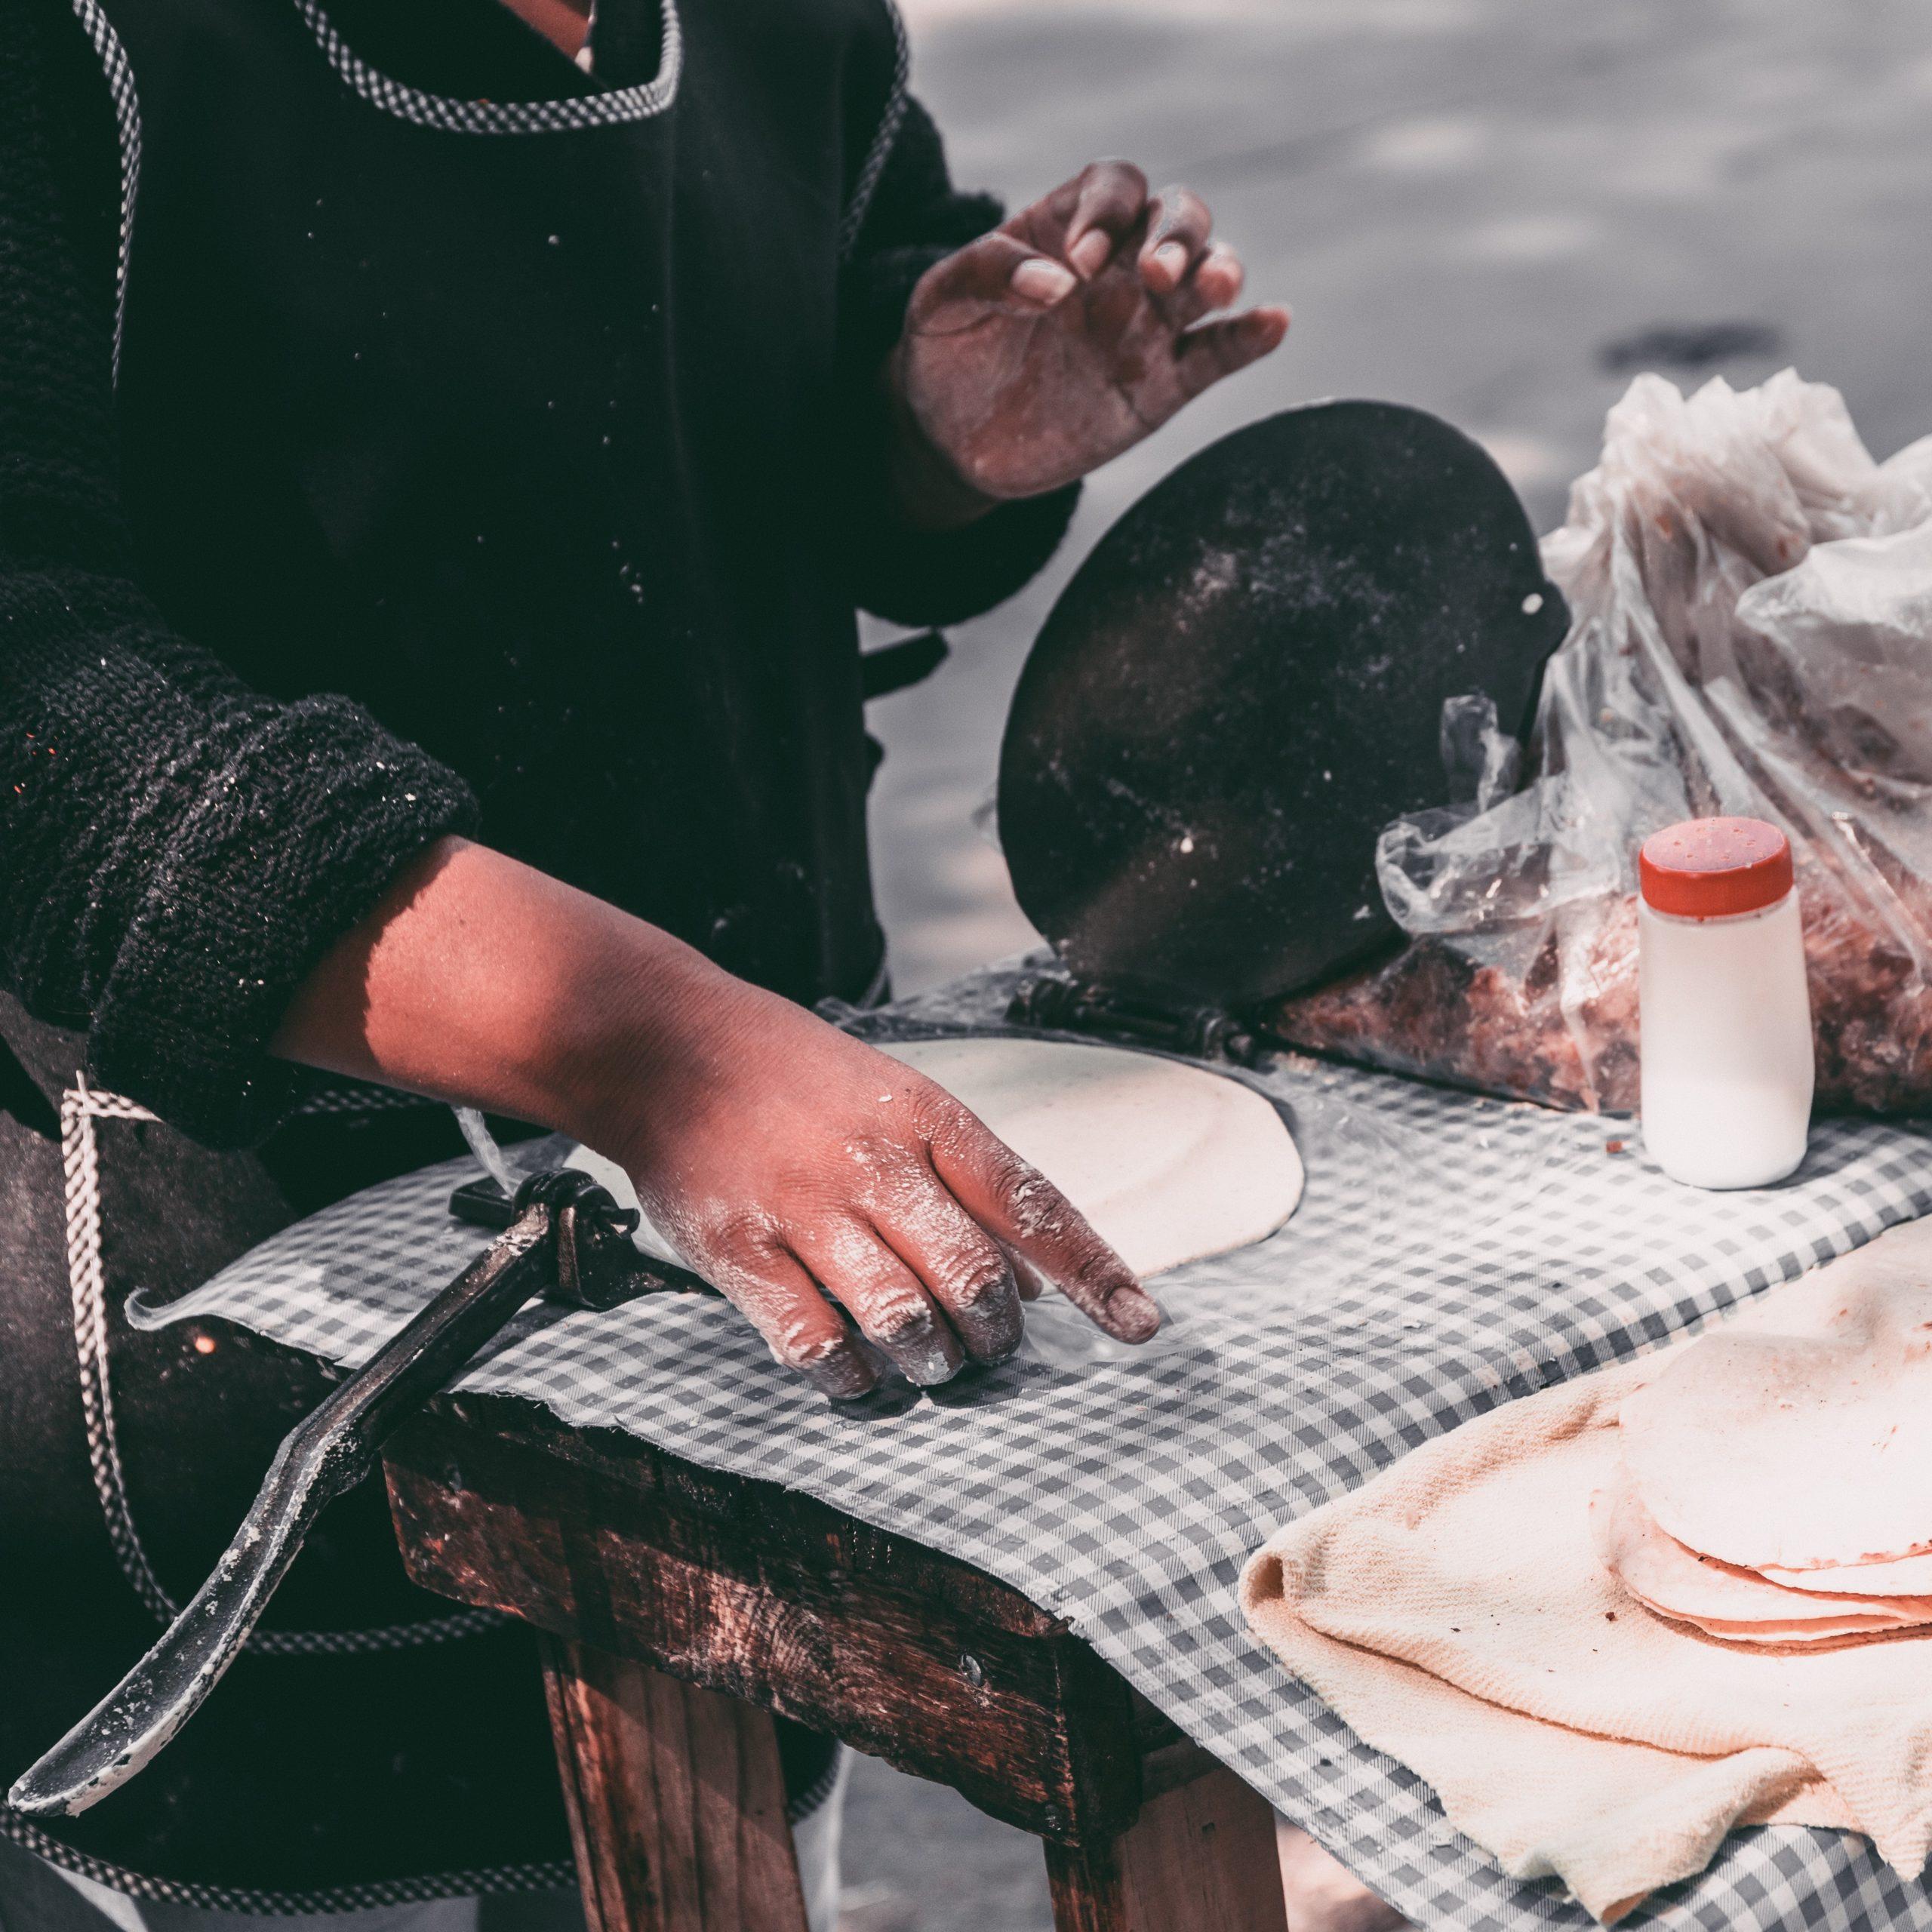 Street food tortillas